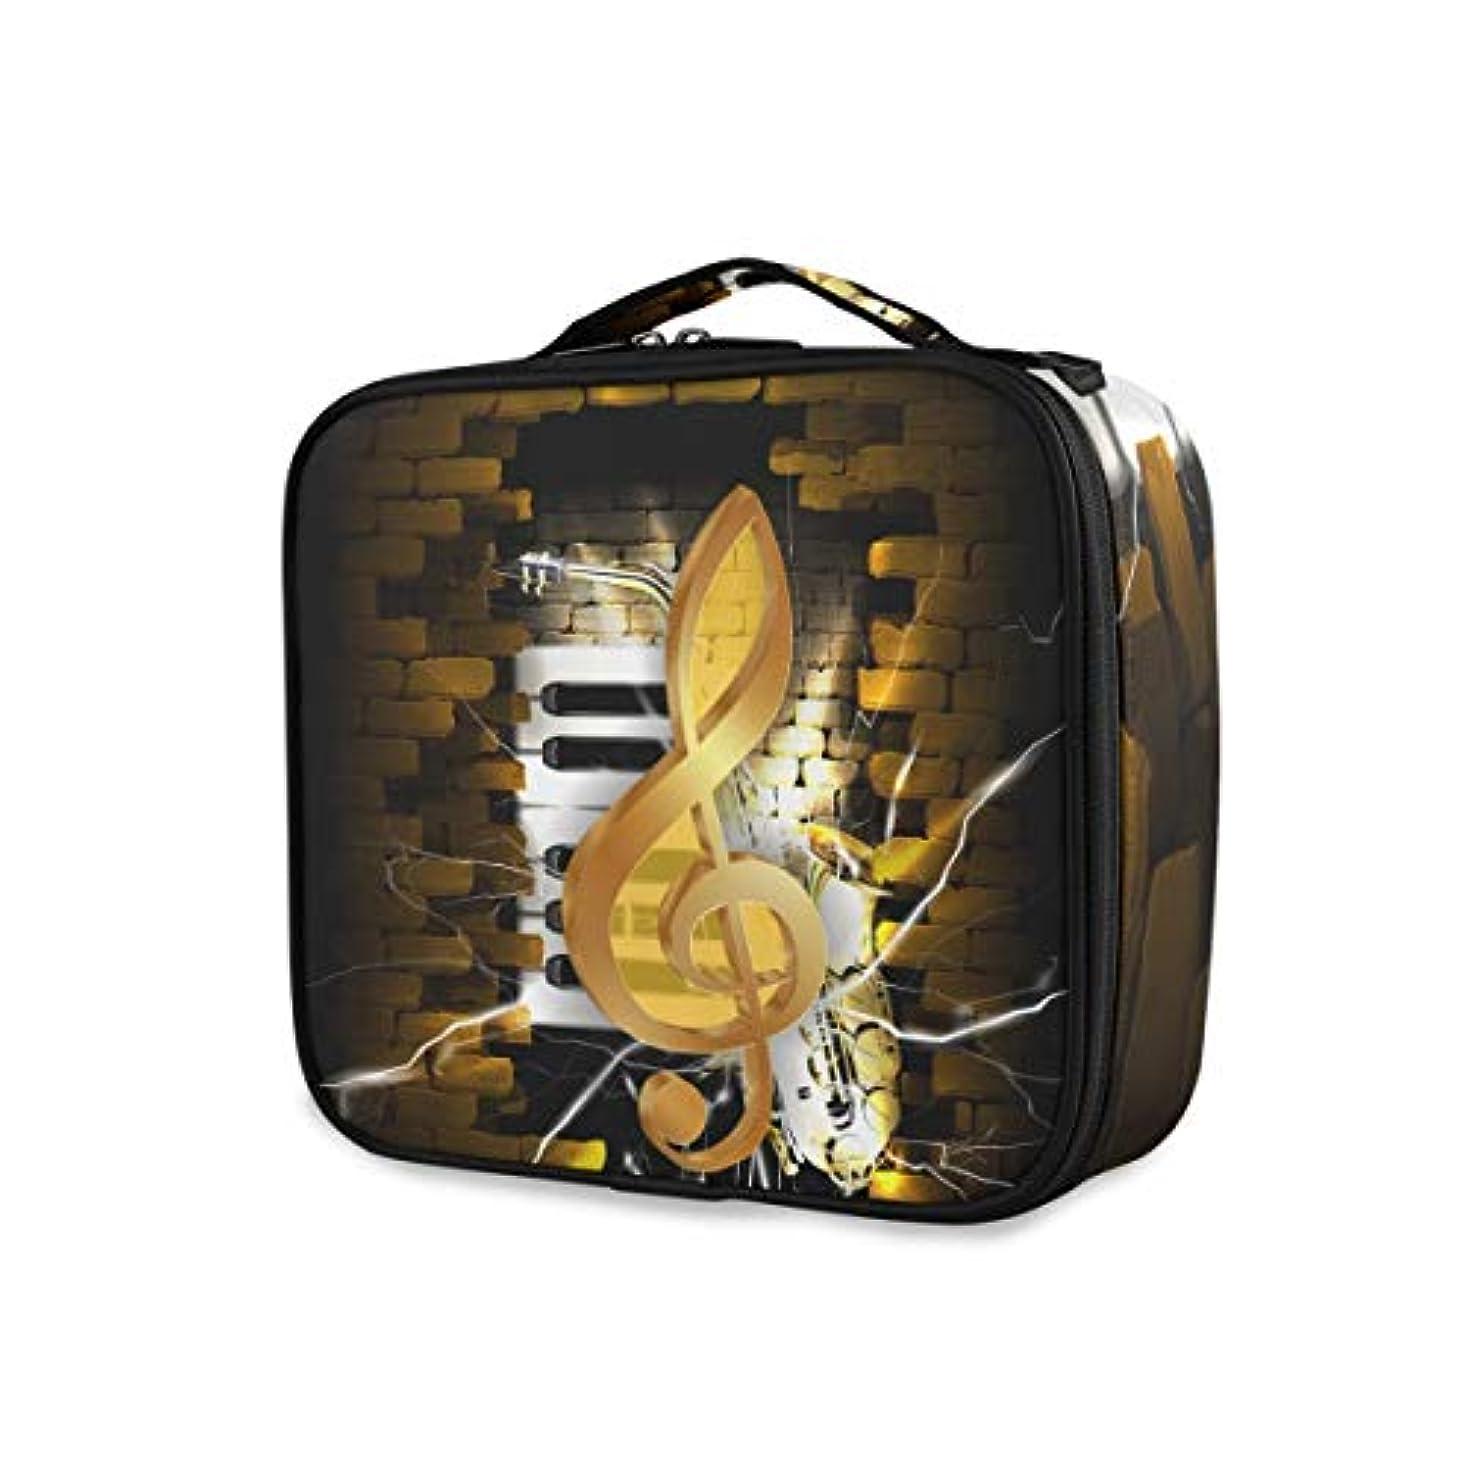 打倒タービンラブKAPANOU プロ用 メイクボックス レンガの壁とサックスのピアノのキーの背景に金色のト音記号 多機能 高品質 美容師 マニキュリスト 刺青師 専用 化粧ボックス メイクアップアーティスト 収納ケース メイクブラシ 化粧道具...